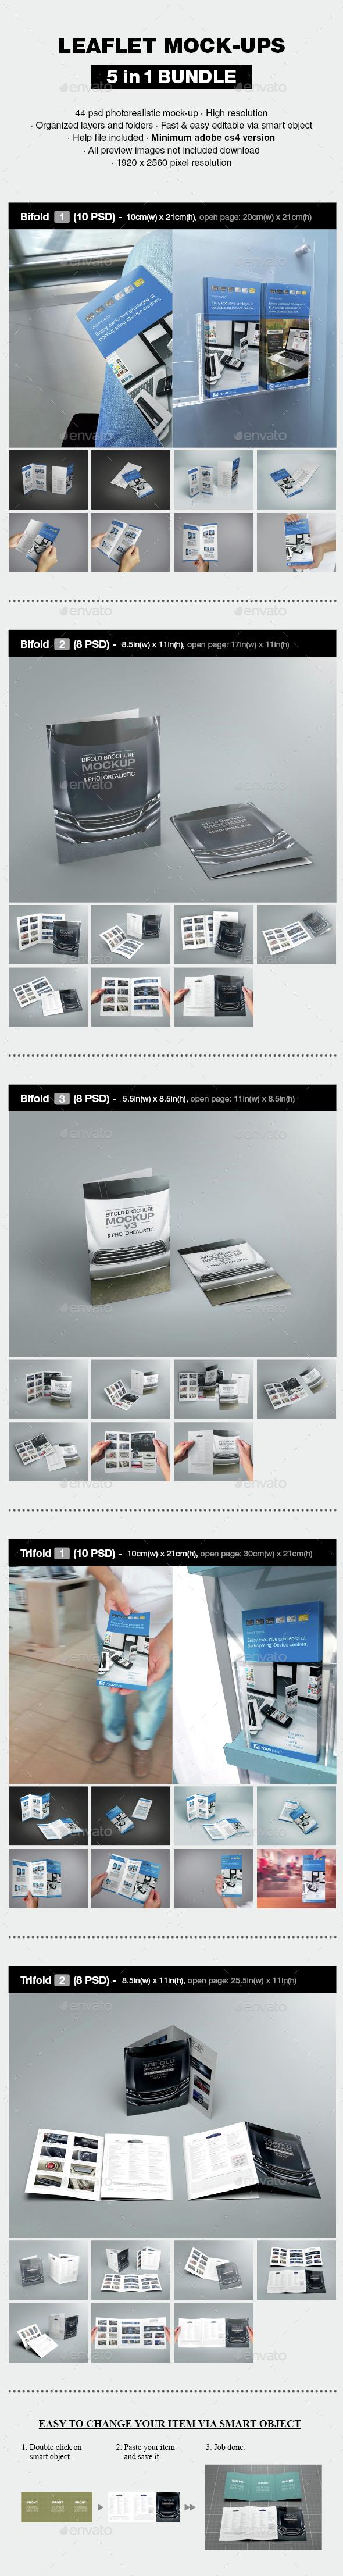 Leaflet Mock-up Bundle - Print Product Mock-Ups